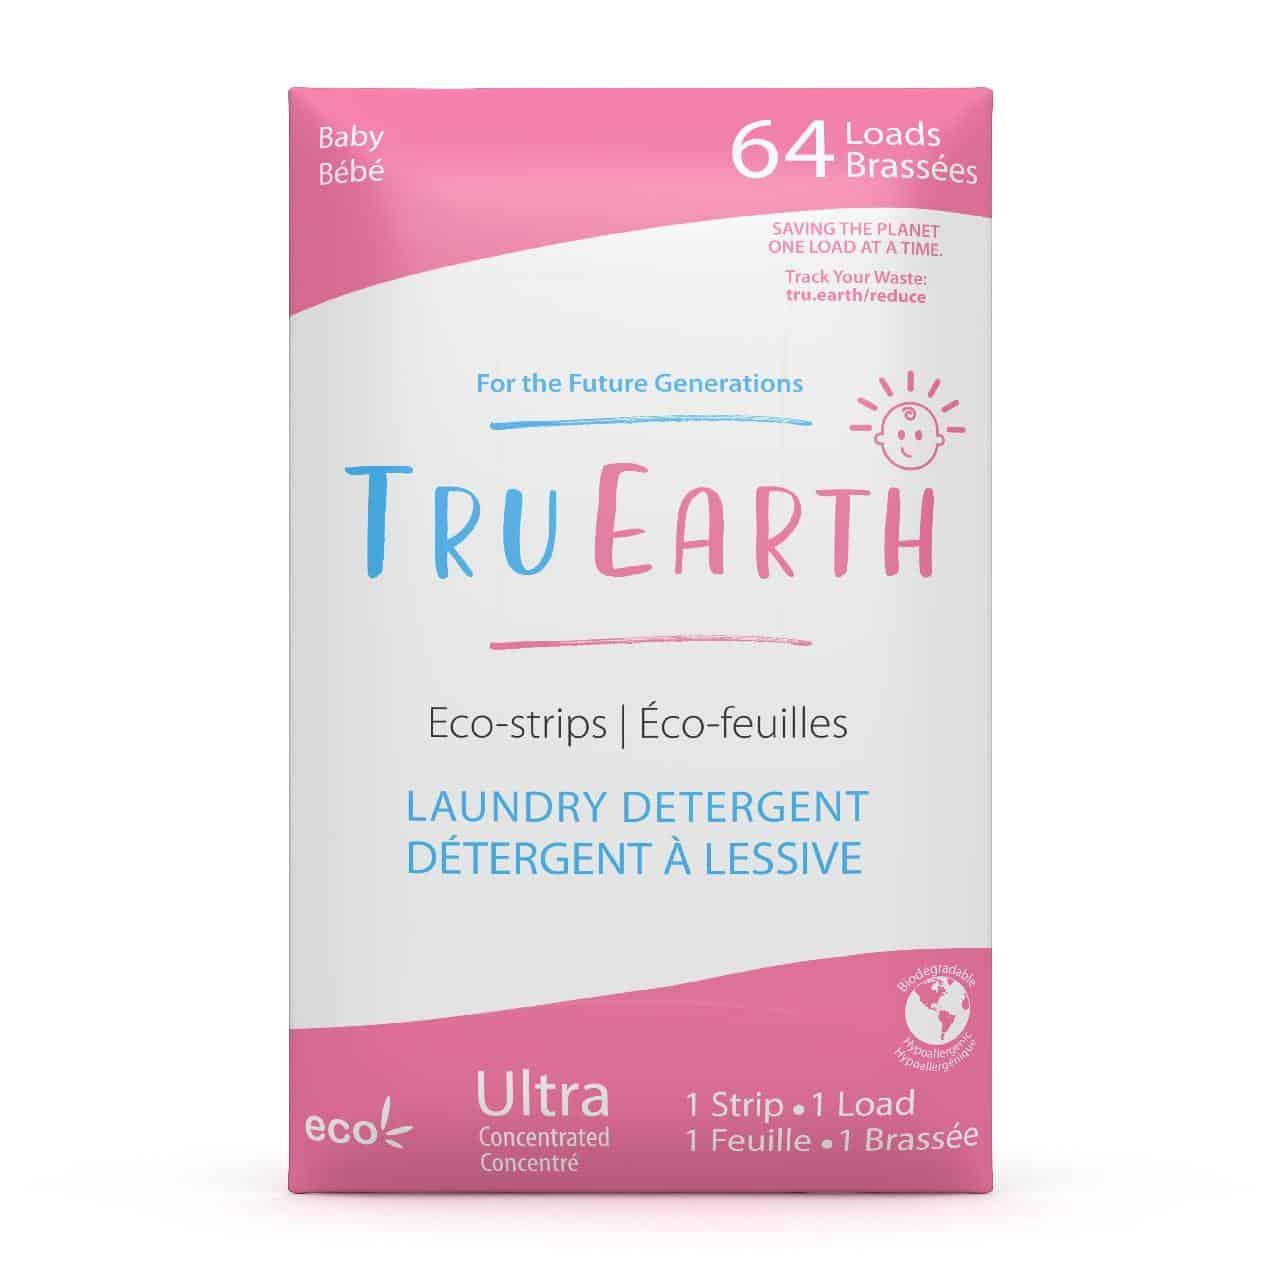 Tru Earth - Tru Earth Eco-strips Laundry Detergent (Baby) – 64 Loads | NOW: $35.95